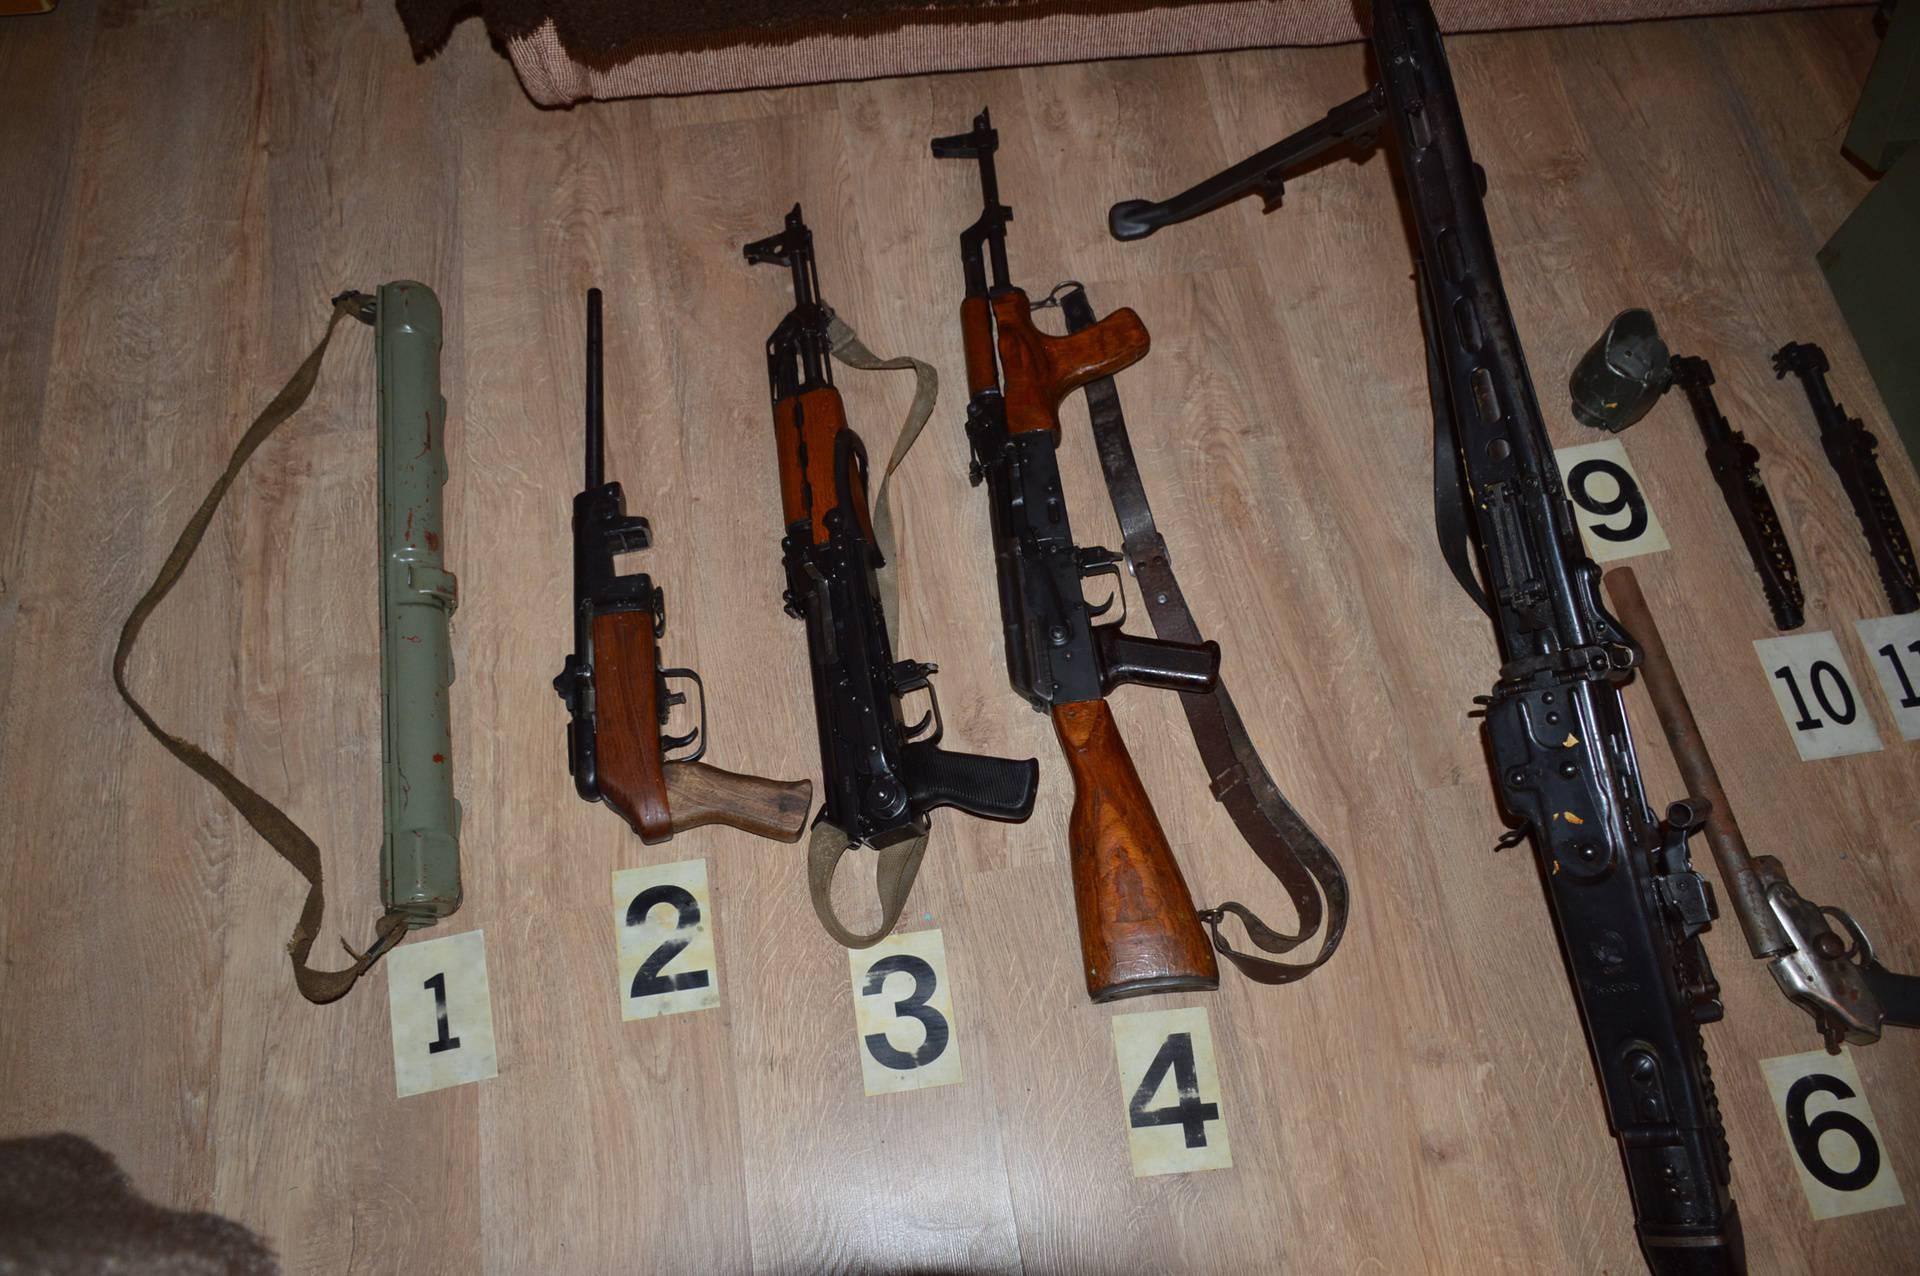 Sletio u kanal, policija je u autu našla puške, pretražili mu kuću i pronašli hrpu ilegalnog oružja